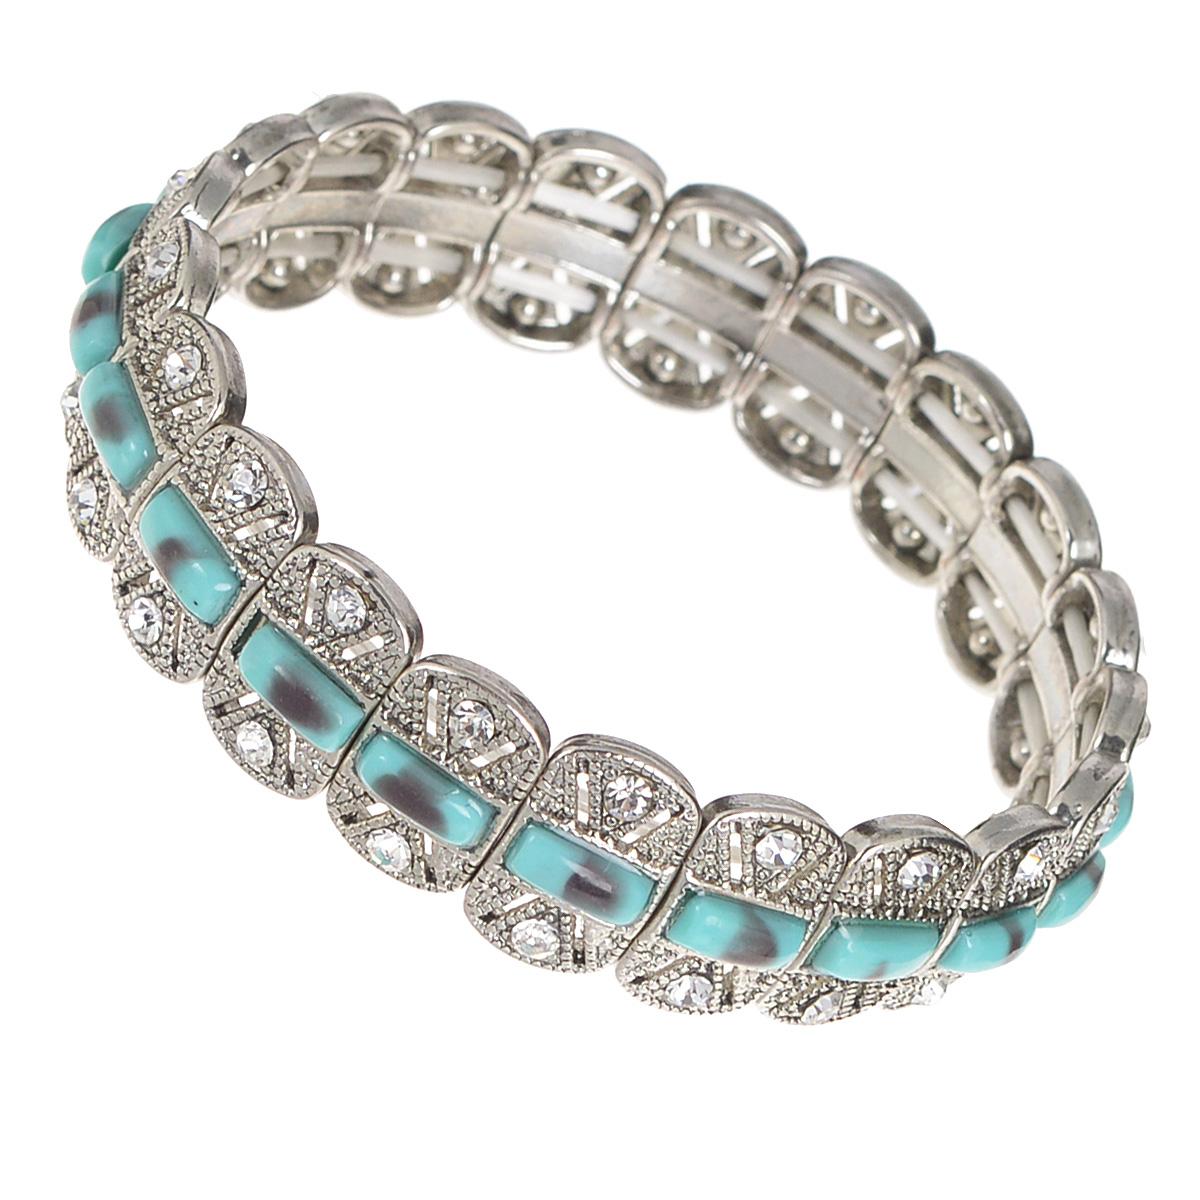 Браслет AtStyle247, цвет: серебряный, бирюзовый. T-B-8209-BRAC-SL.TURQUOIST-B-8209-BRAC-SL.TURQUOISИзысканный женский браслет AtStyle247 выполнен из металлического сплава меди, цинка и железа в серебряном цвете. Модель состоит из прямоугольных декоративных элементов, оформленных вставками бирюзового цвета, стилизованными под камни, и усыпанных стразами. Эластичная прочная резинка позволит идеально зафиксировать модель на руке. Это стильное украшение элегантно завершит модный образ и подчеркнет ваш утонченный вкус.